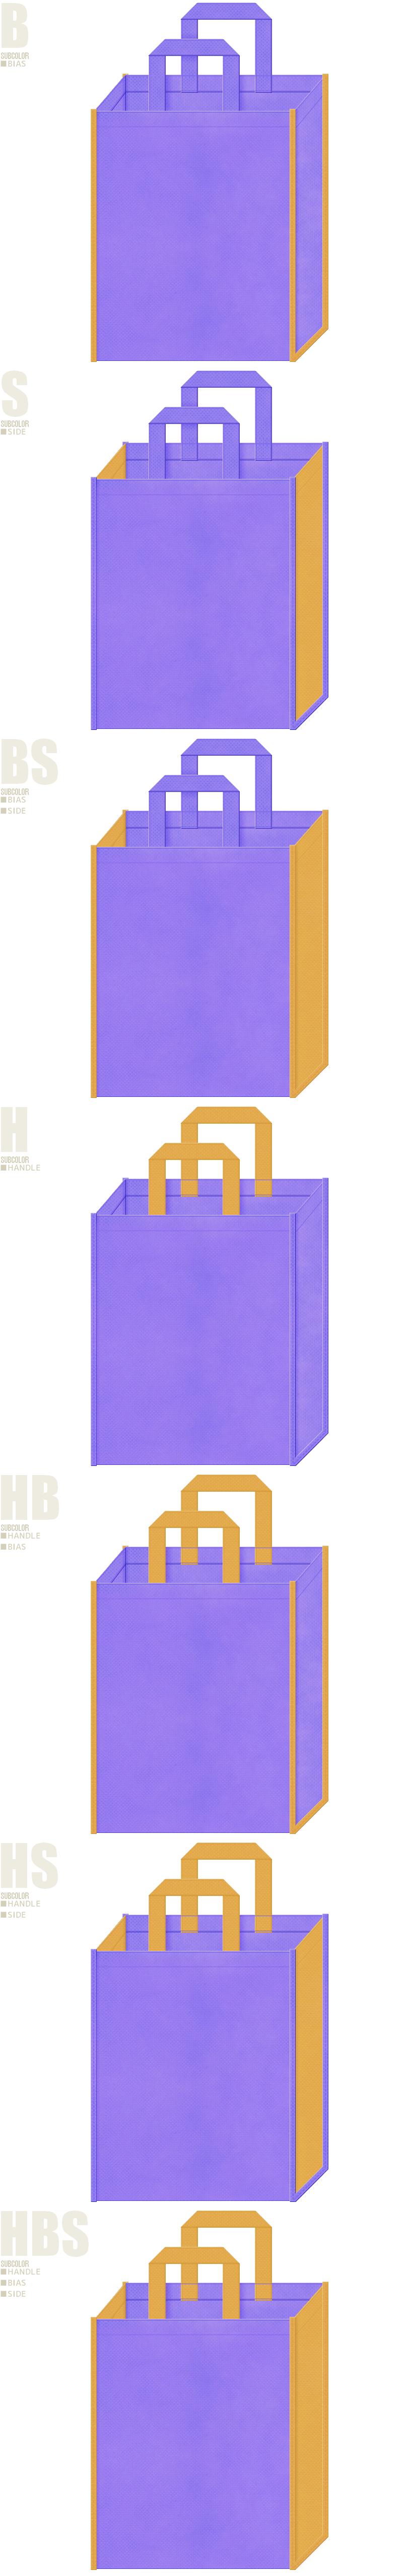 絵本・おとぎ話・おもちゃ・テーマパークにお奨めの不織布バッグデザイン:薄紫色と黄土色の配色7パターン